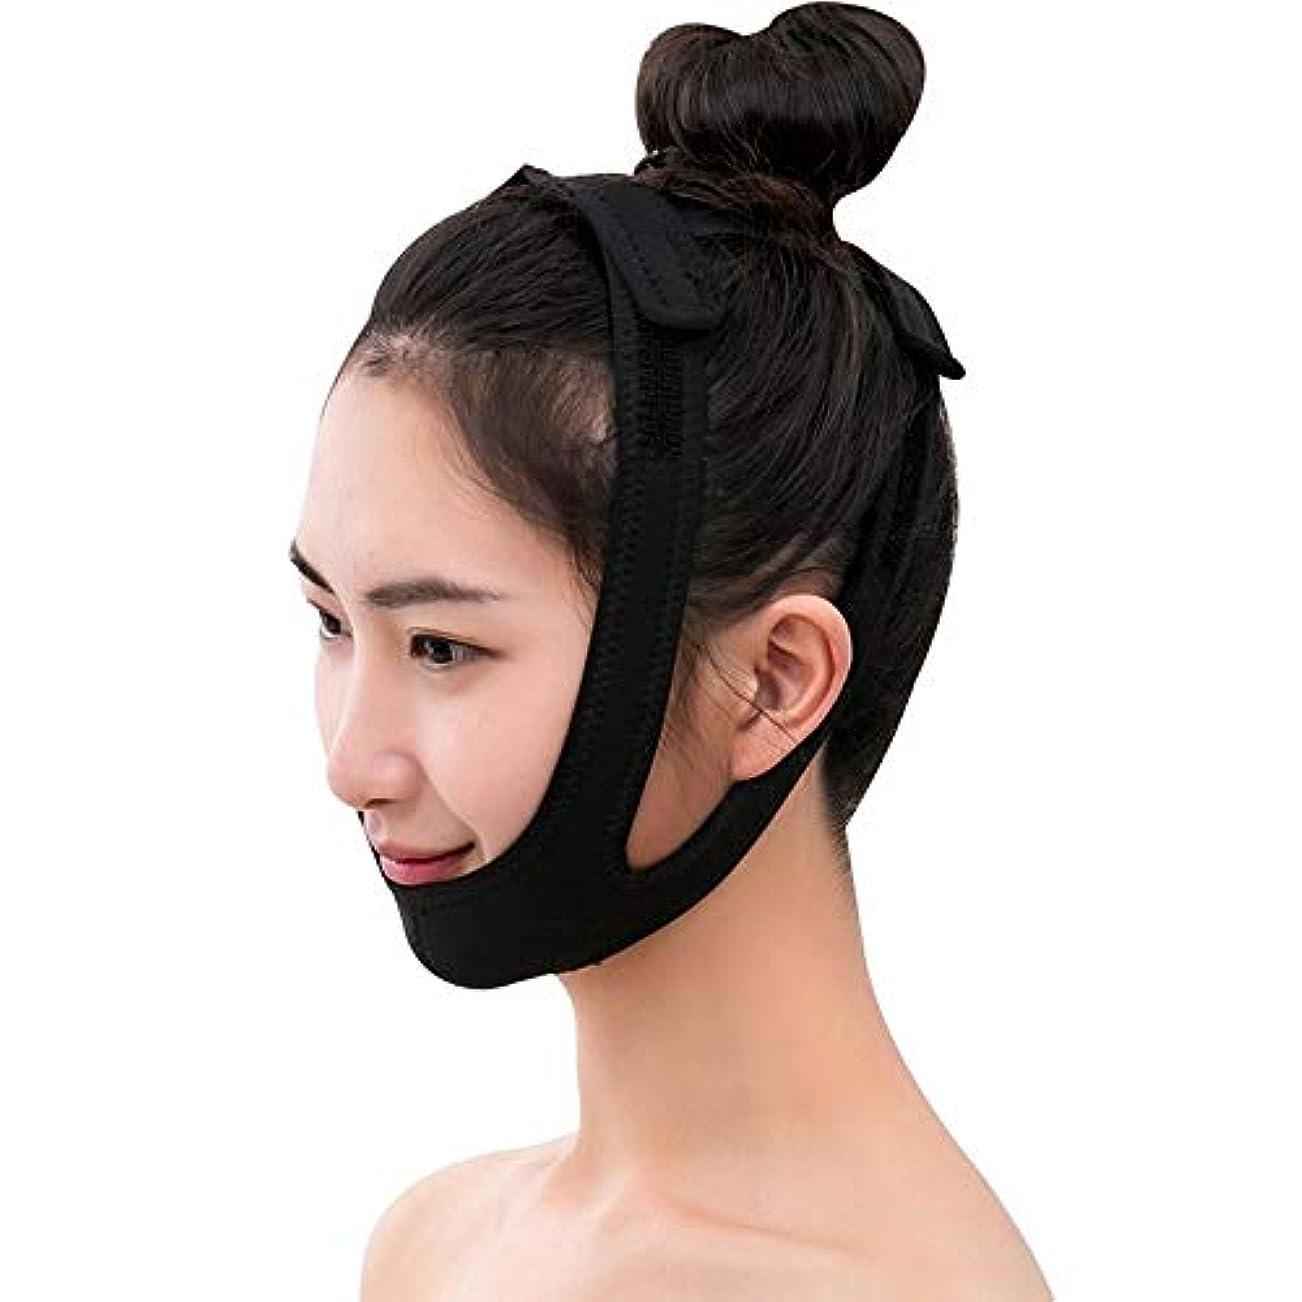 むしゃむしゃ不利深さJia Jia- 強力なフェイスリフトアーチファクト術後回復ライン彫刻フェイシャルリフト睡眠リフティングフェイス引き締めVフェイス包帯 - 黒 顔面包帯